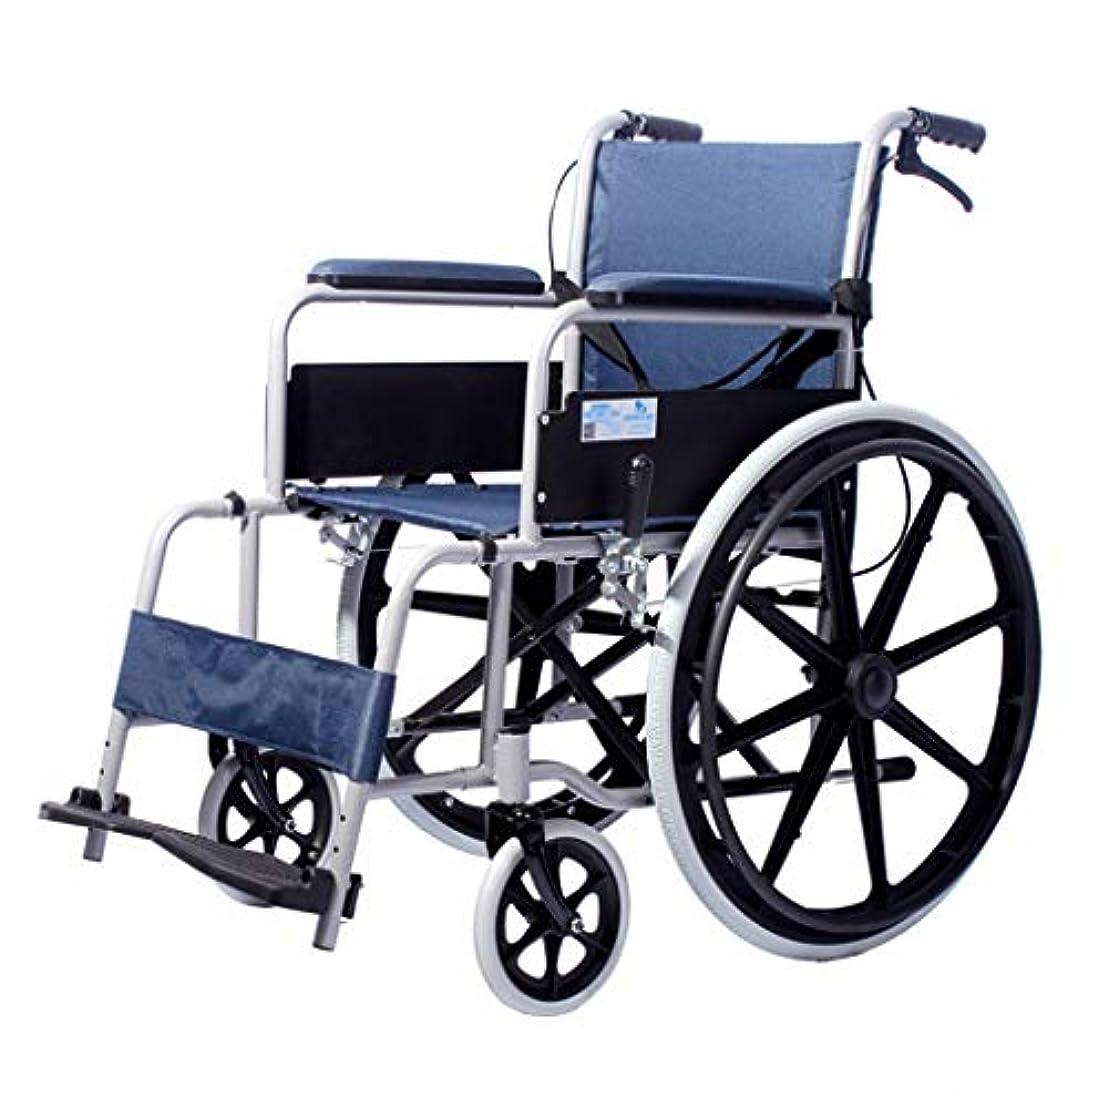 呼吸アダルト宇宙船高齢者用車椅子折りたたみ式手すり、高齢者用調整可能ペダル、四輪ブレーキ機能